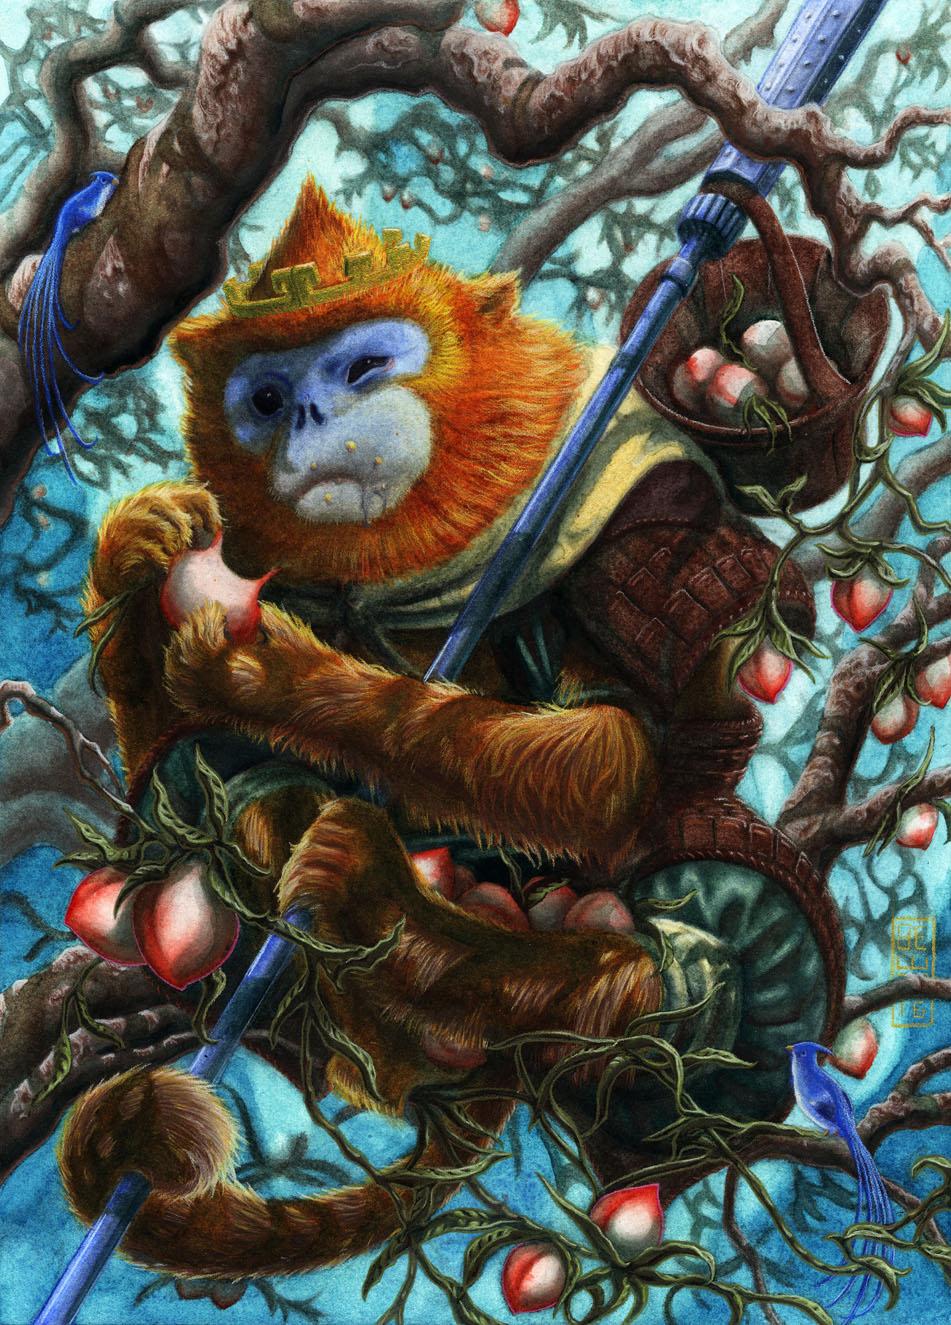 Monkey King 96dpi.jpg